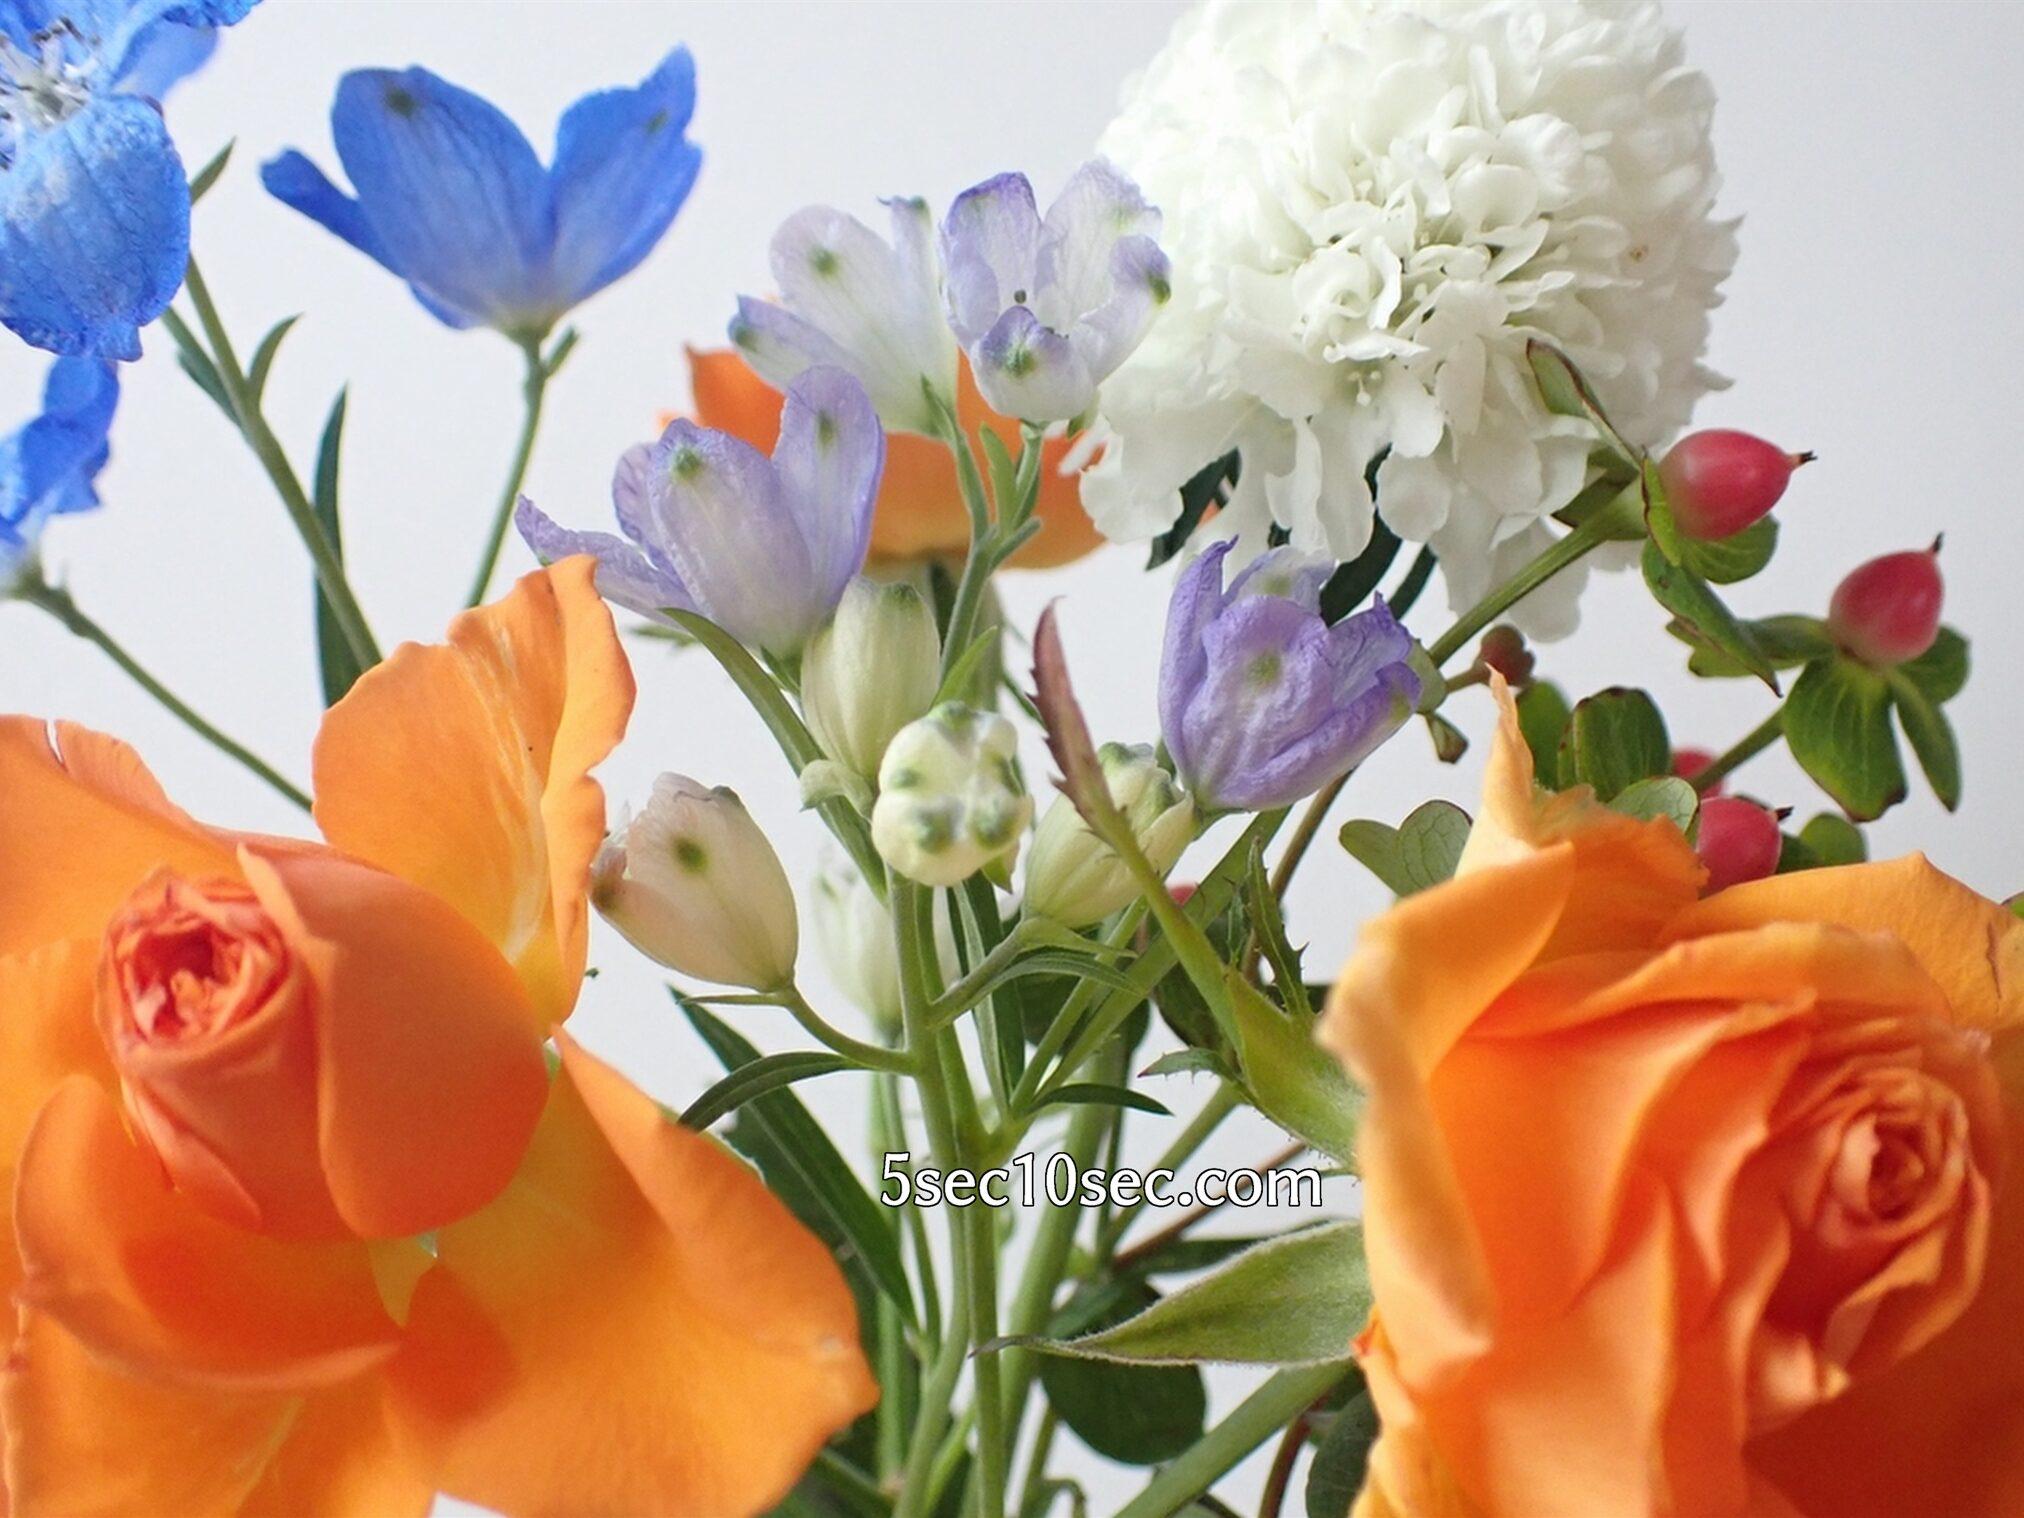 Bloomee LIFE(ブルーミーライフ)レギュラープラン 届いてから12日目に、スプレーデルフィニウムのお花のつぼみが開き始めました